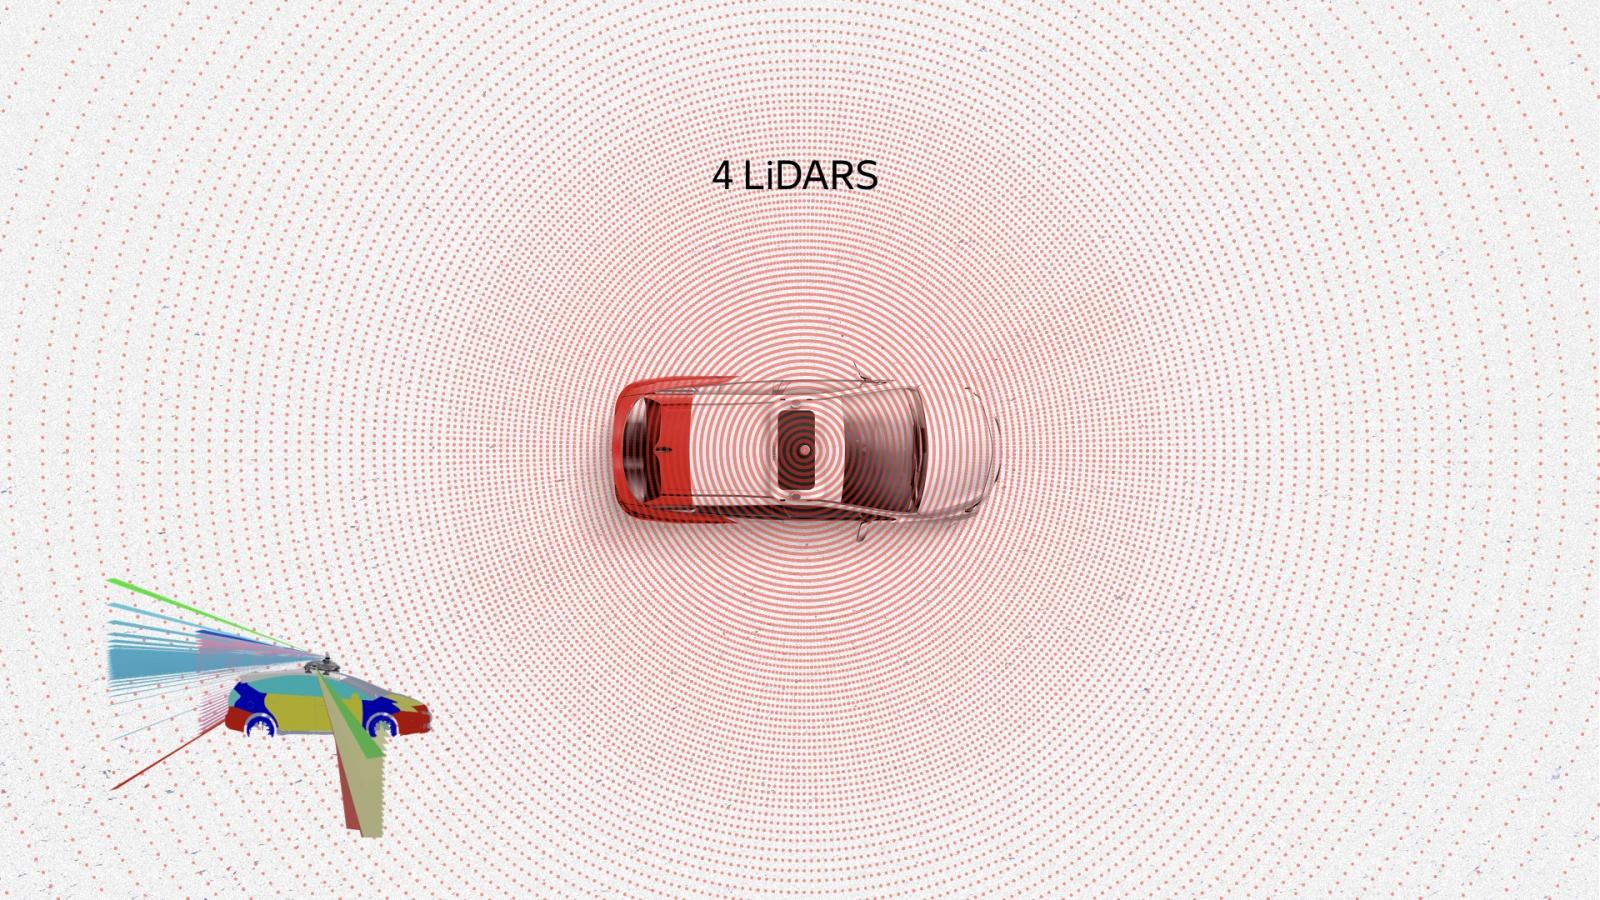 Беспилотный автомобиль: оживляем алгоритмы. Доклад Яндекса - 9